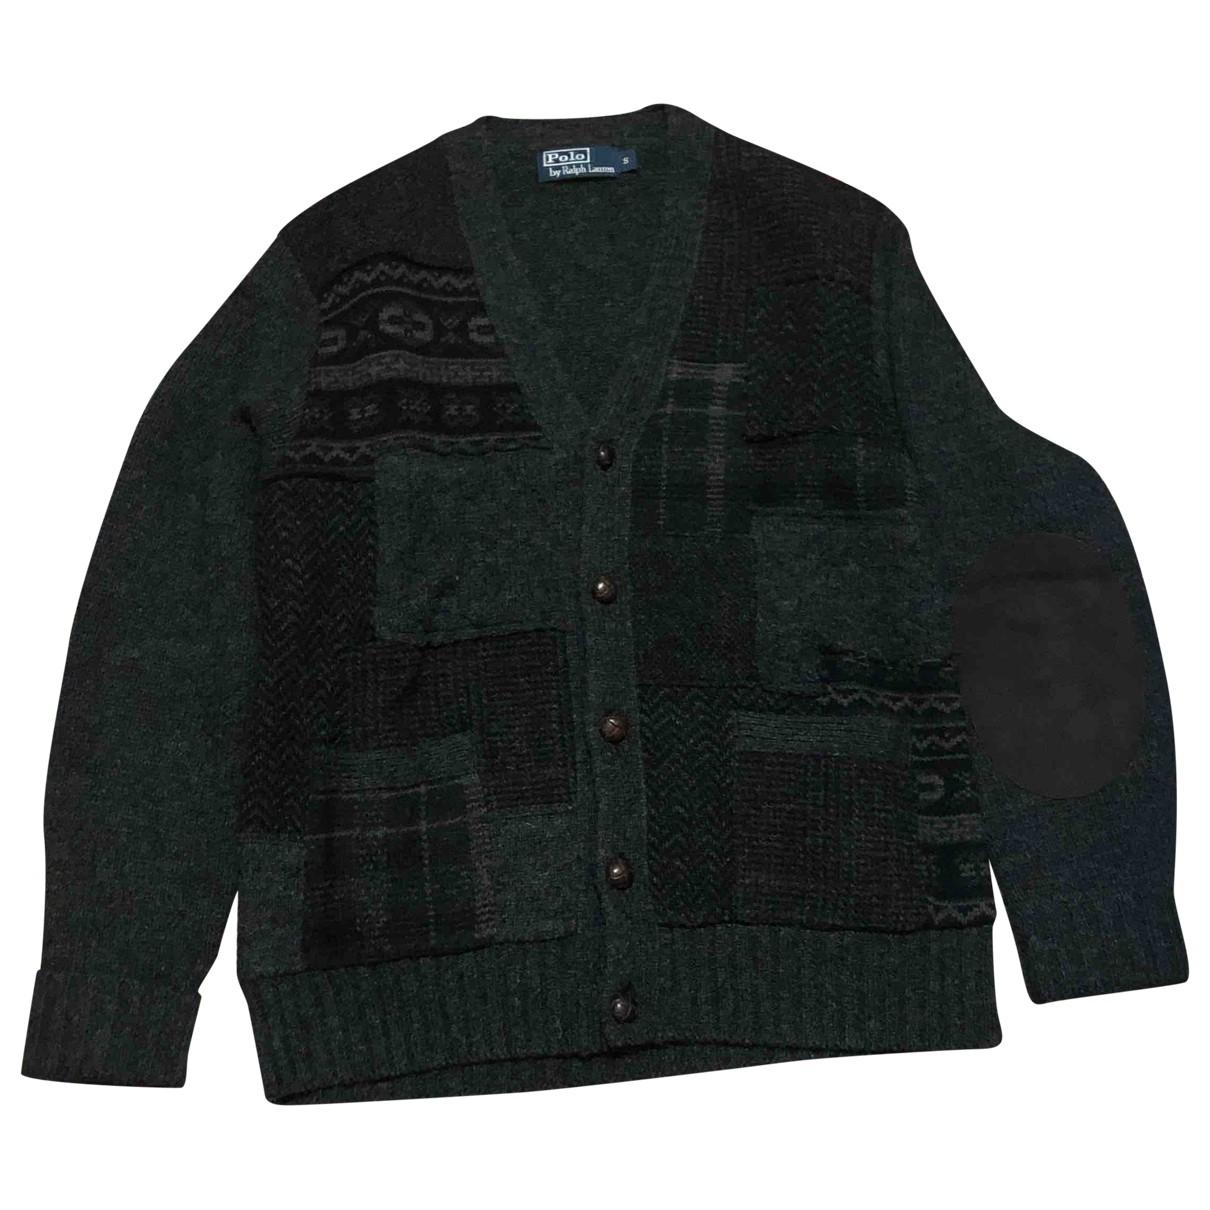 Polo Ralph Lauren - Pulls.Gilets.Sweats   pour homme en laine - anthracite